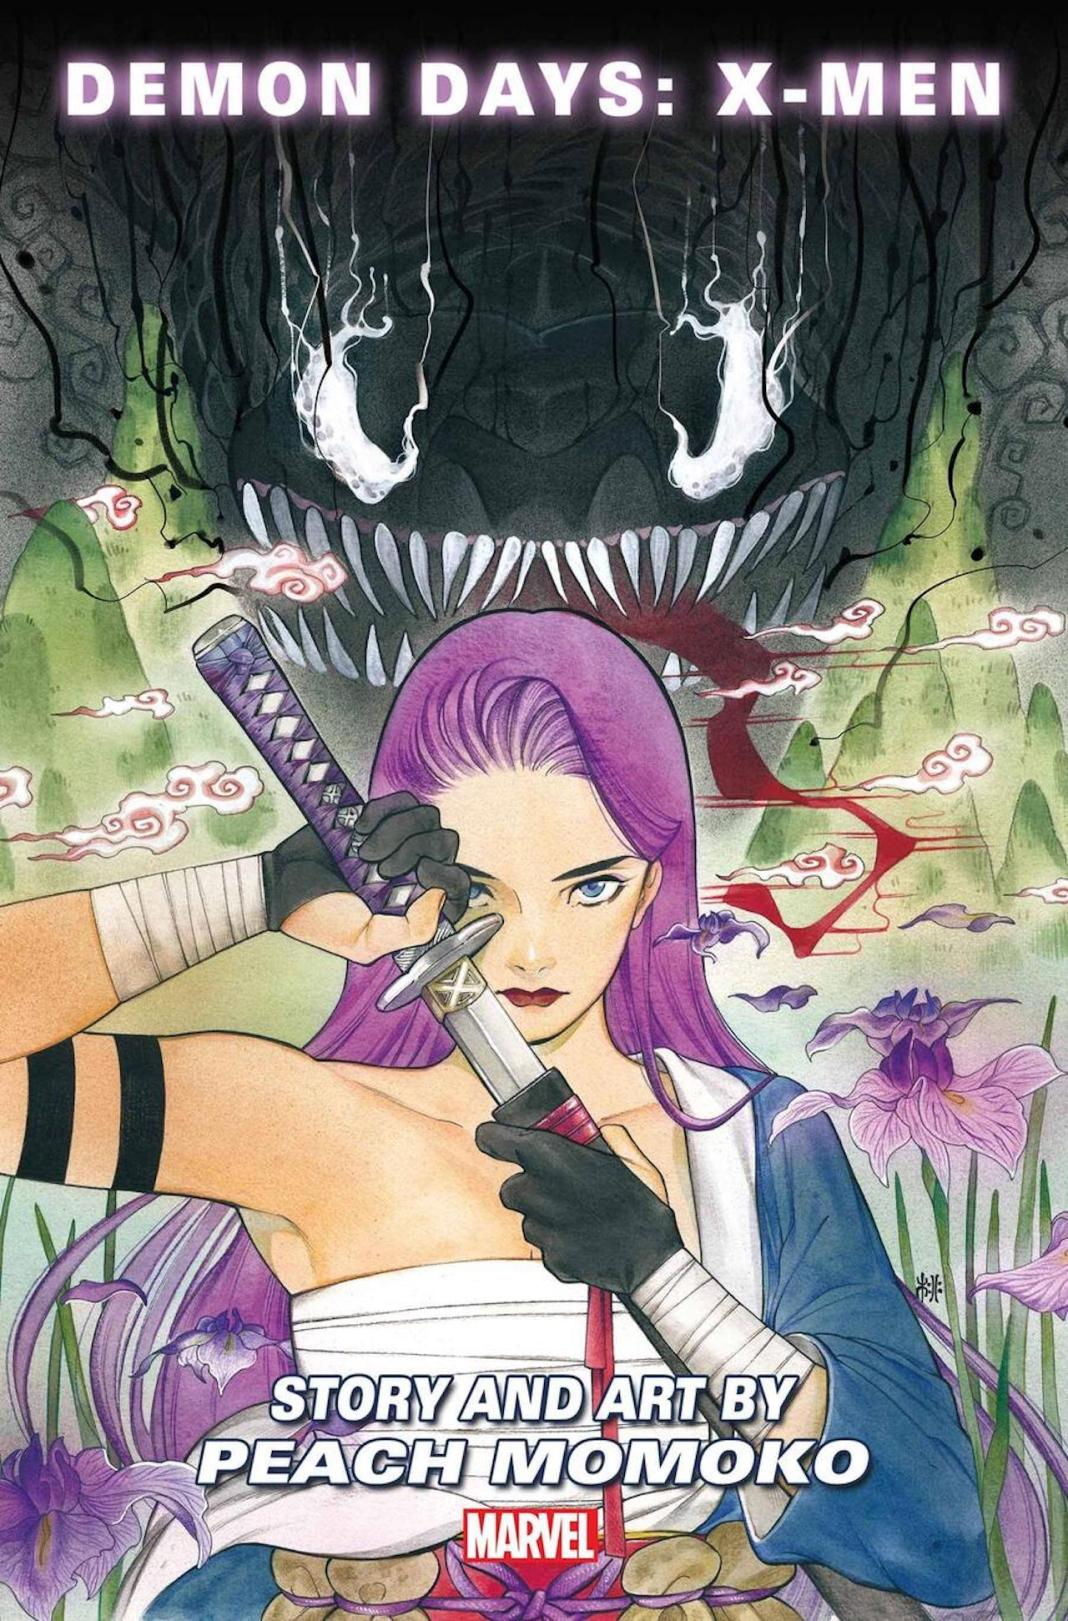 Página de Demon Days: X-Men # 1 por Peach Momoko